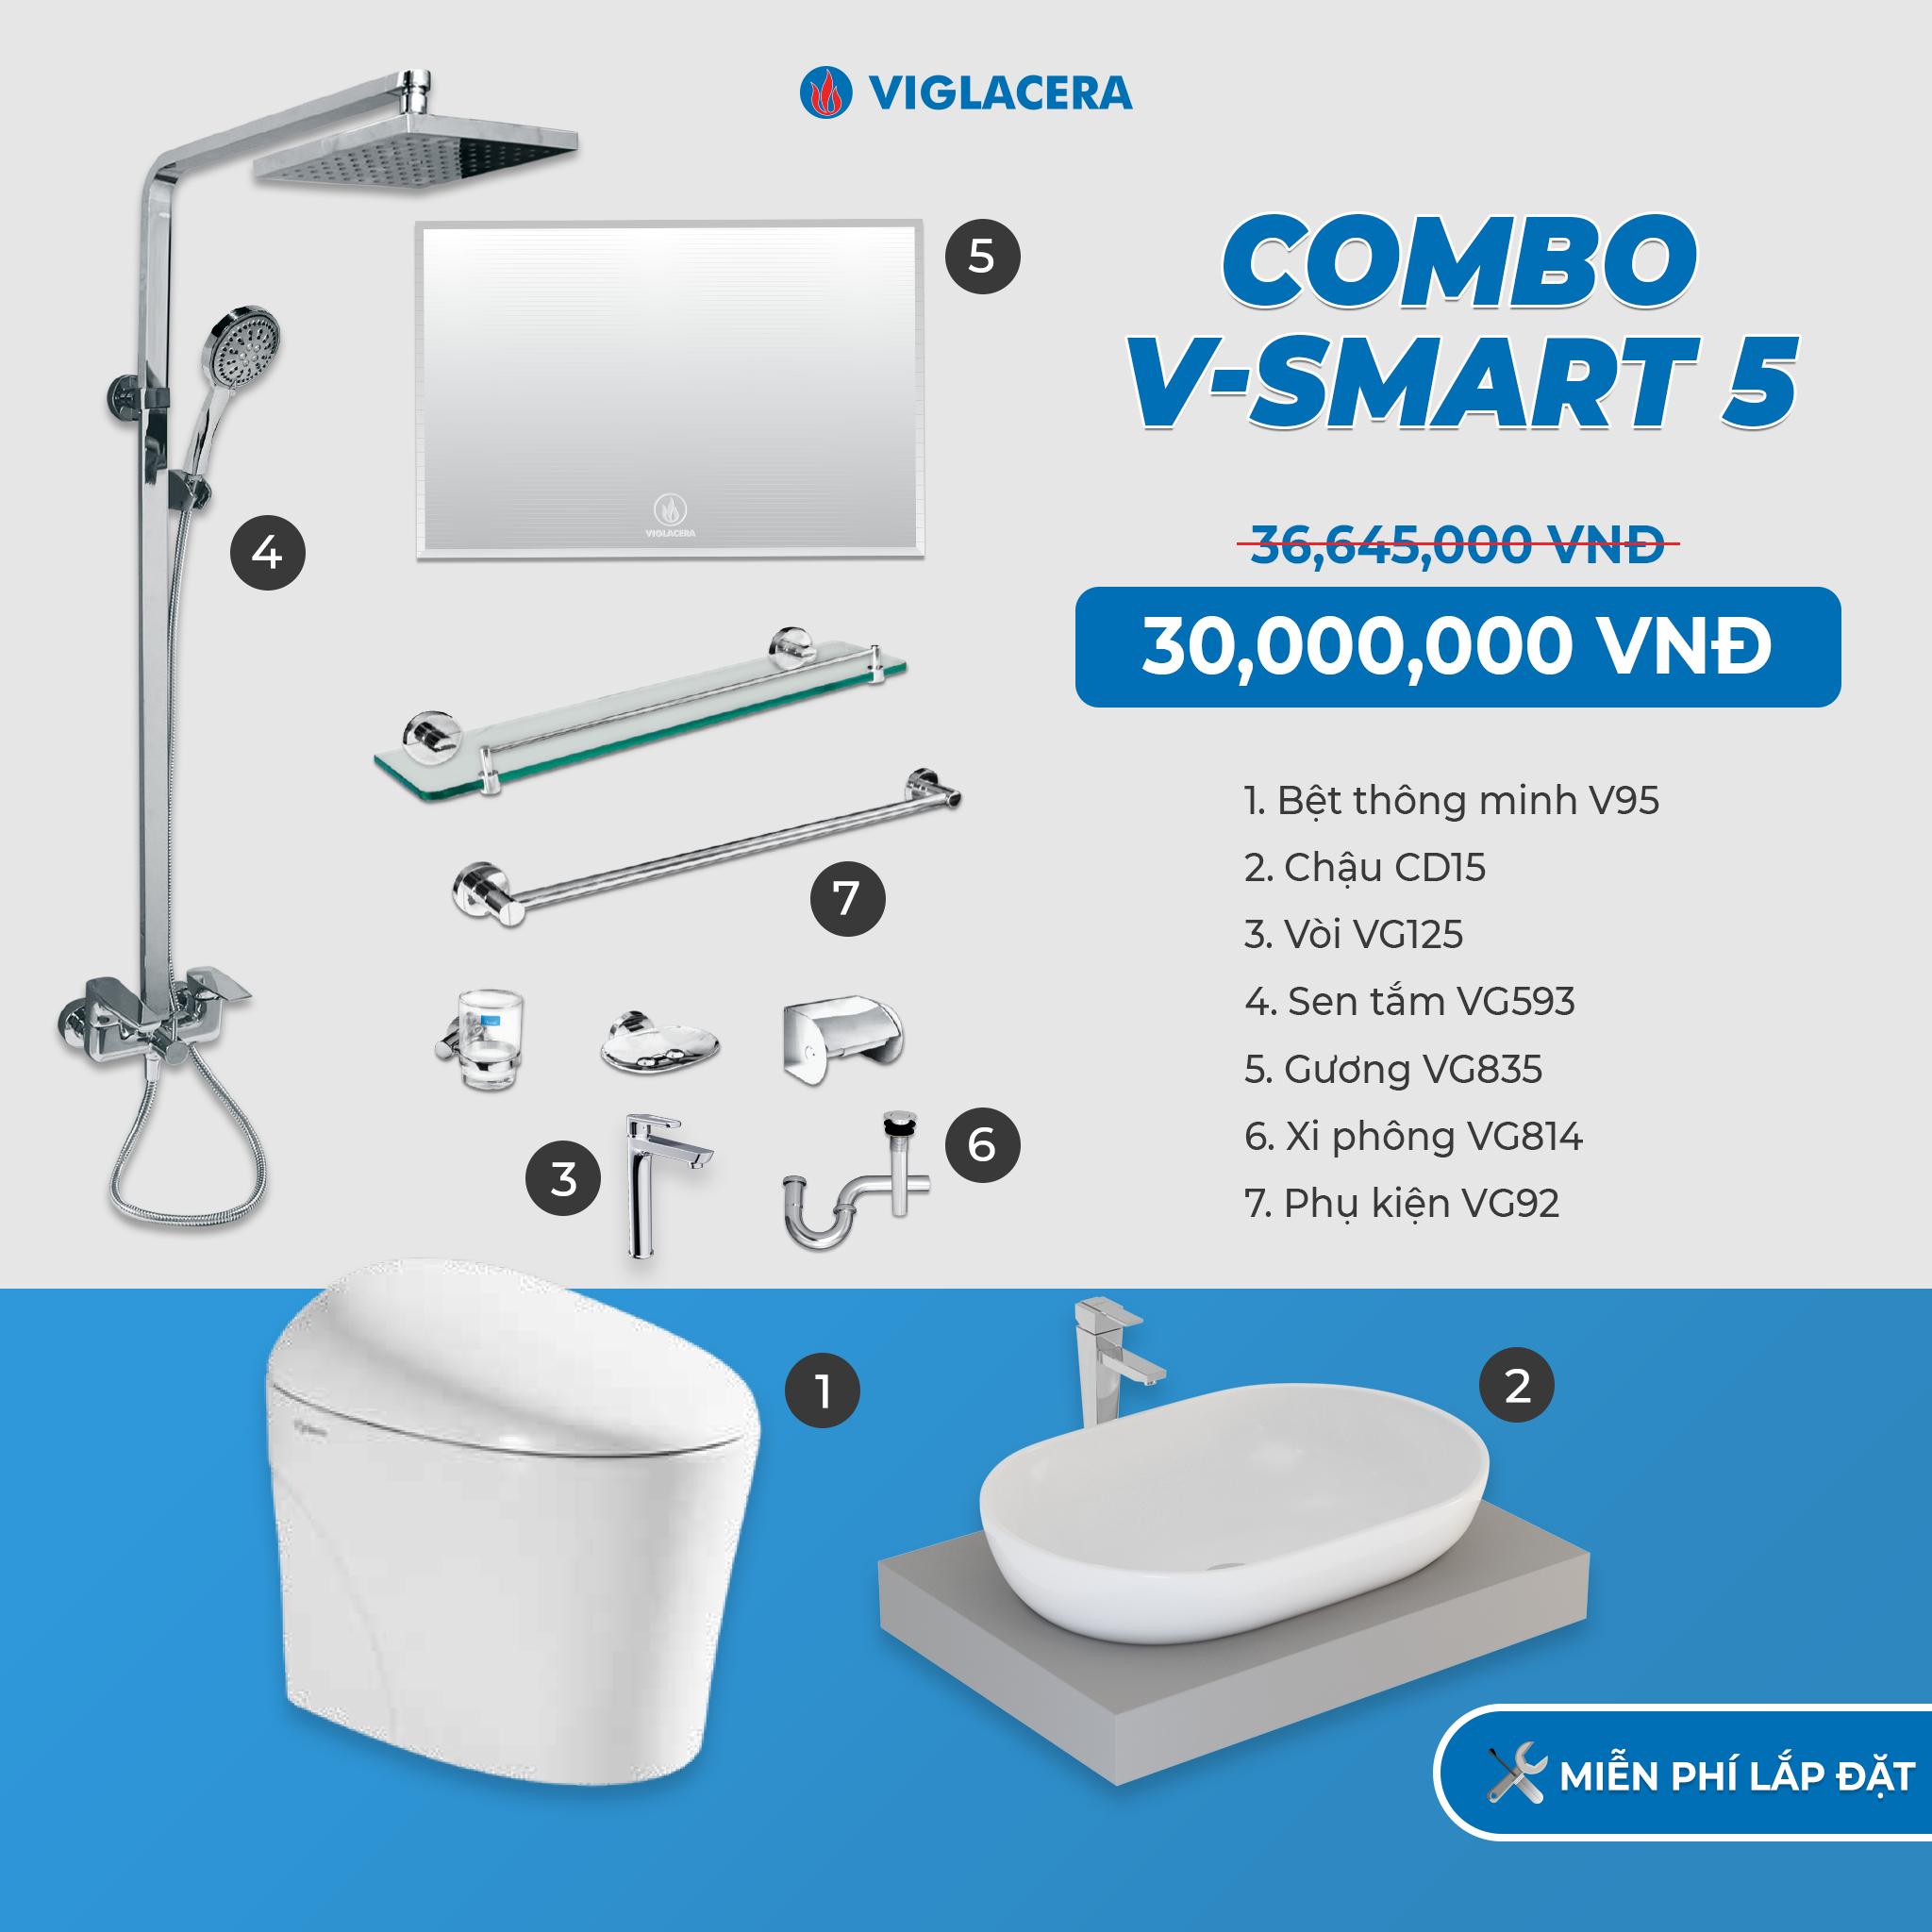 Combo Nhà tắm thông minh V-SMART 5